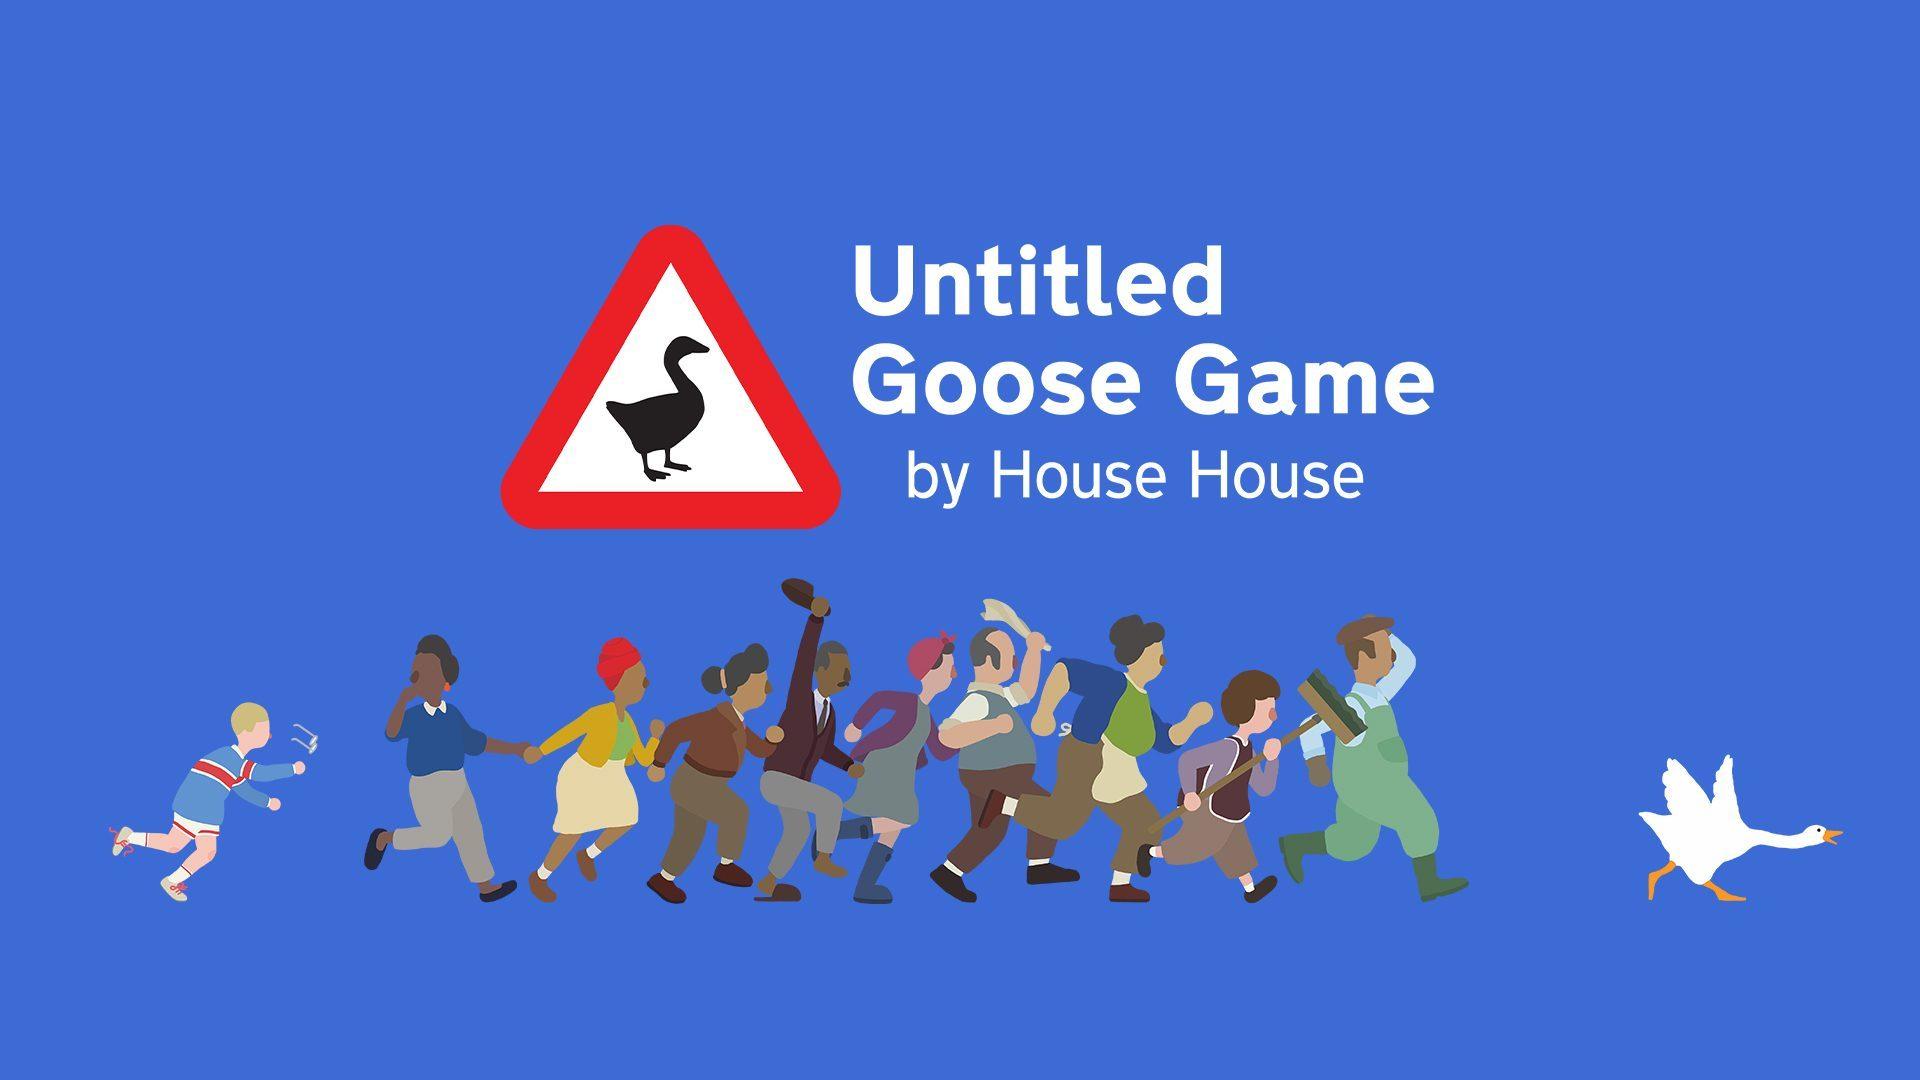 untitled_goose_game_vignette